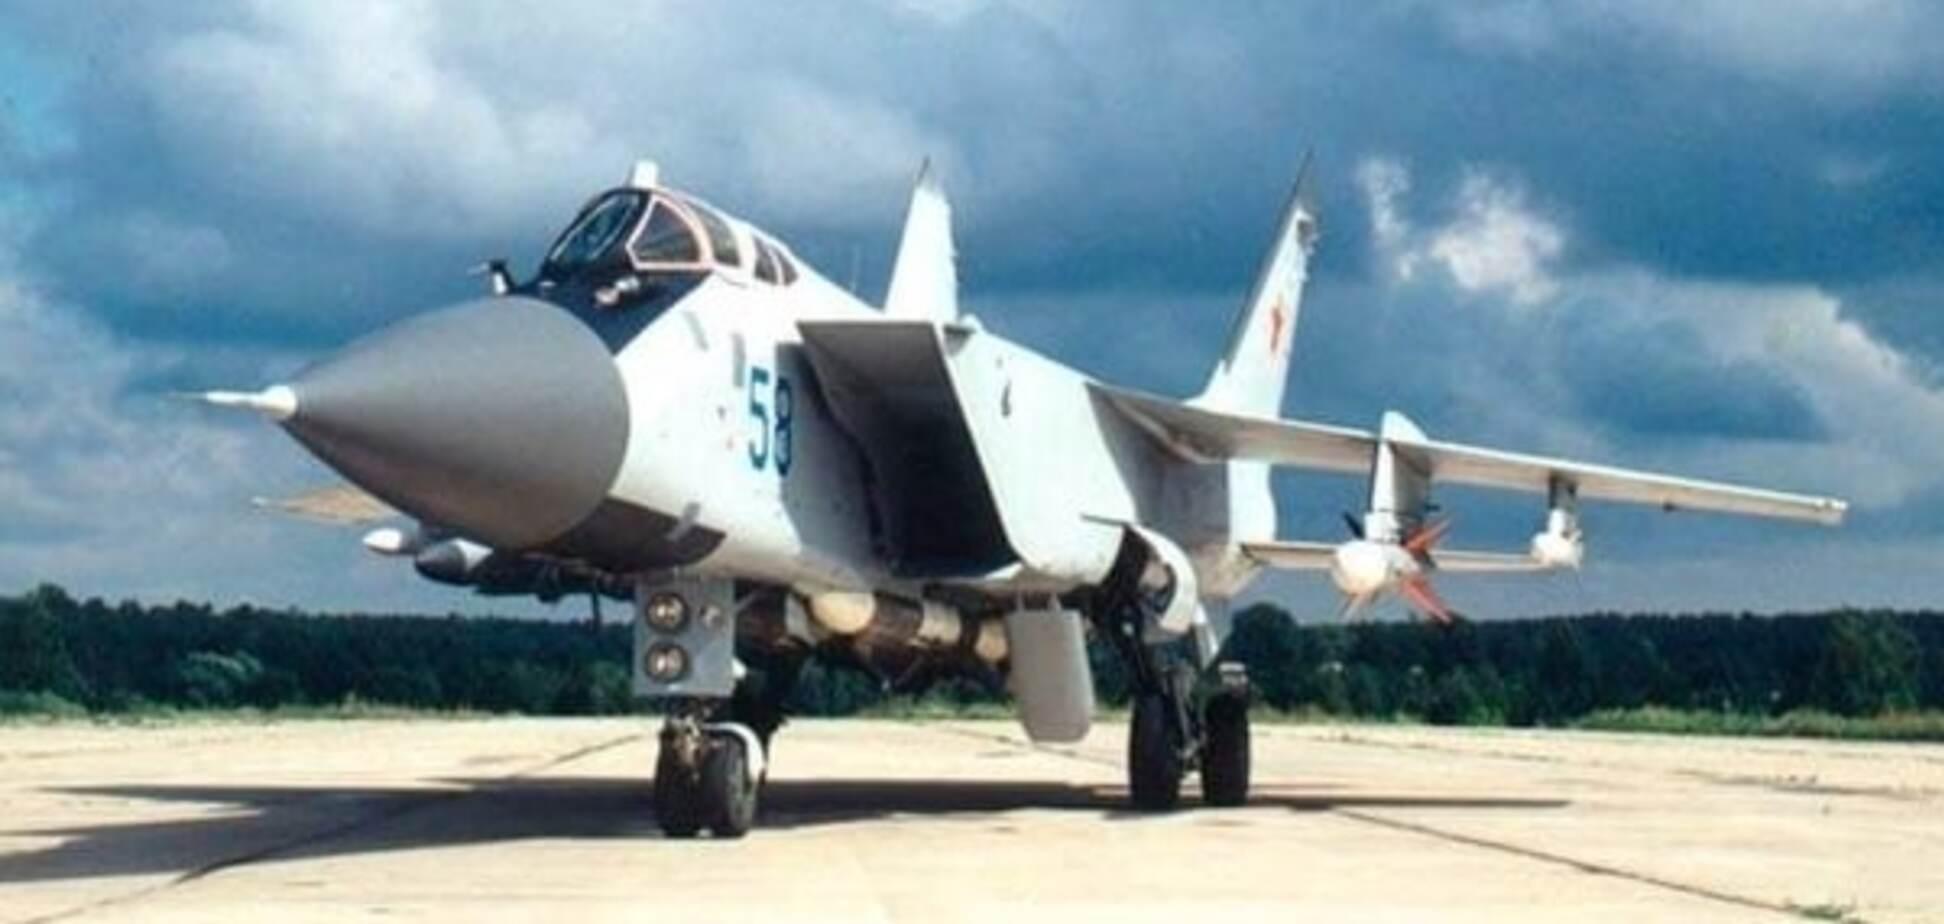 Учения удались: над Камчаткой пропал военный МиГ России